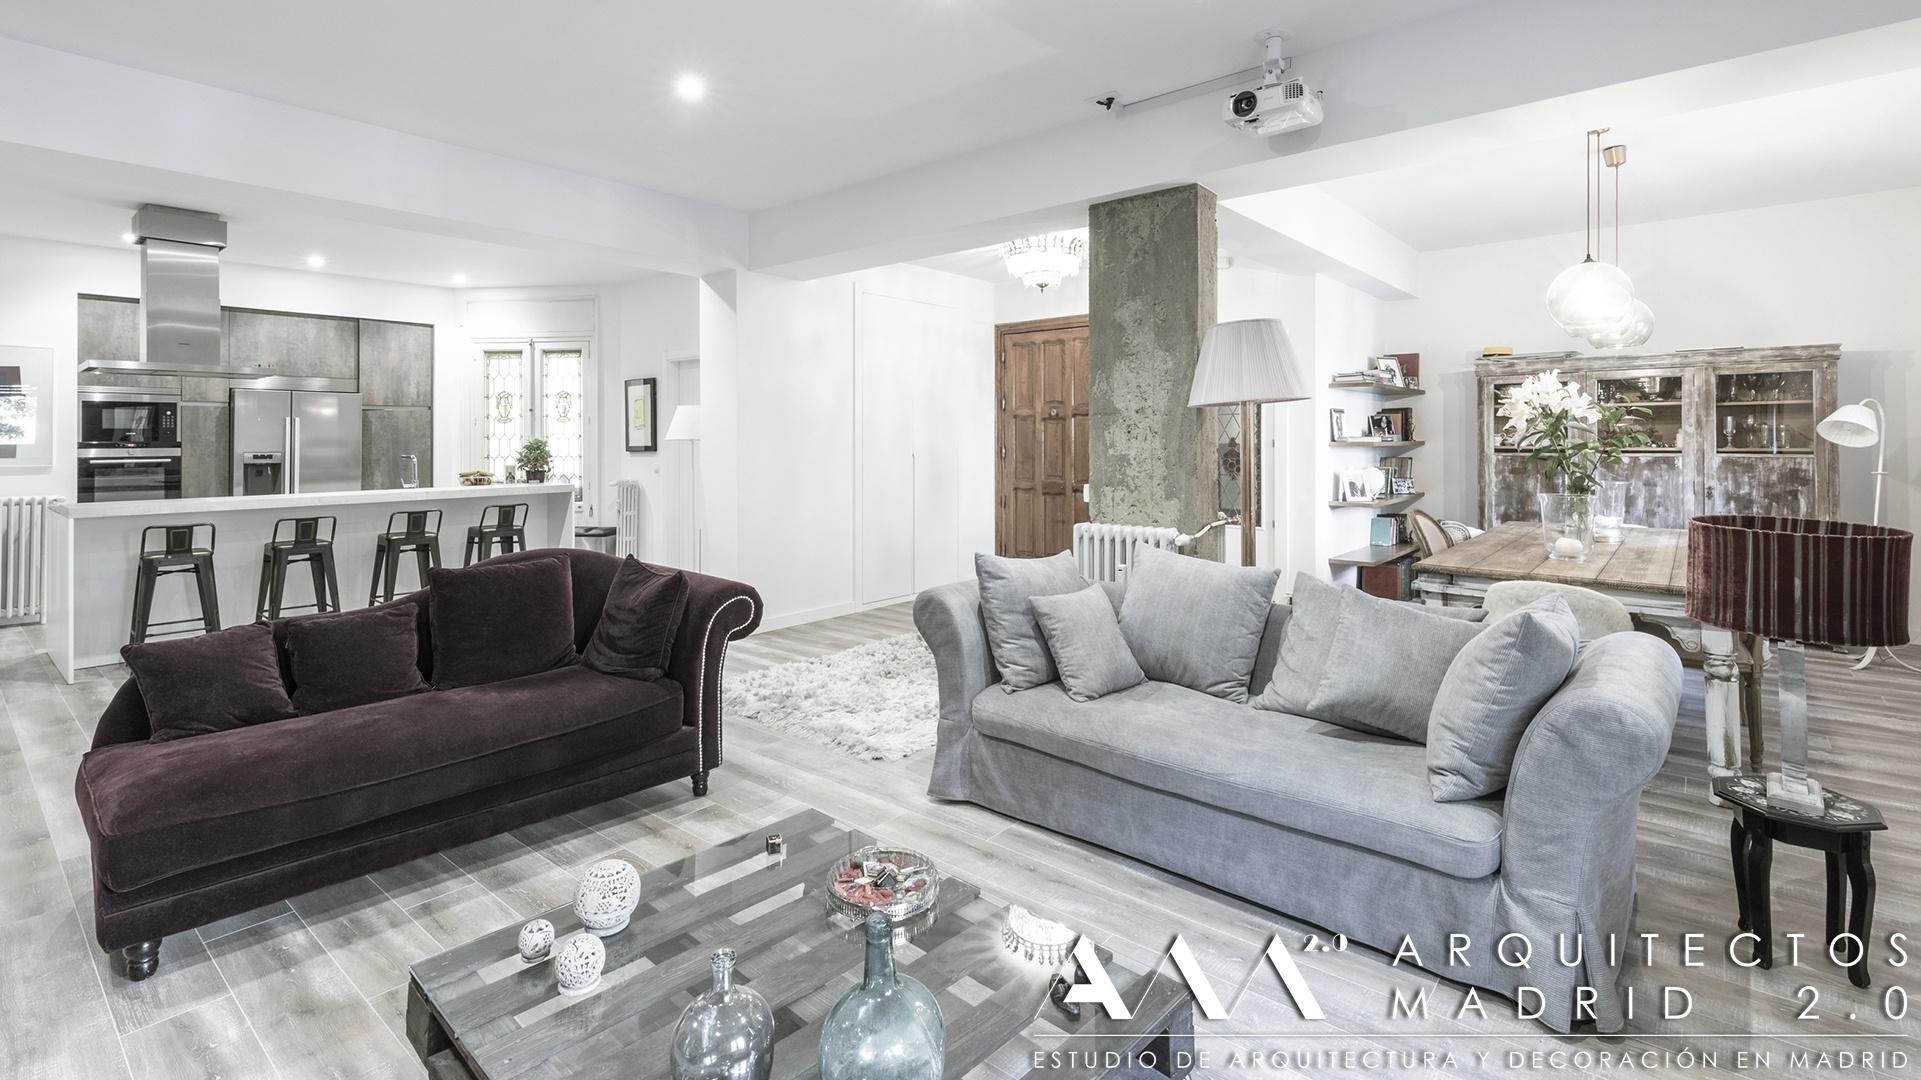 ideas-proyectos-reformas-casas-pisos-apartamentos-lofts-arquitectos-madrid-25